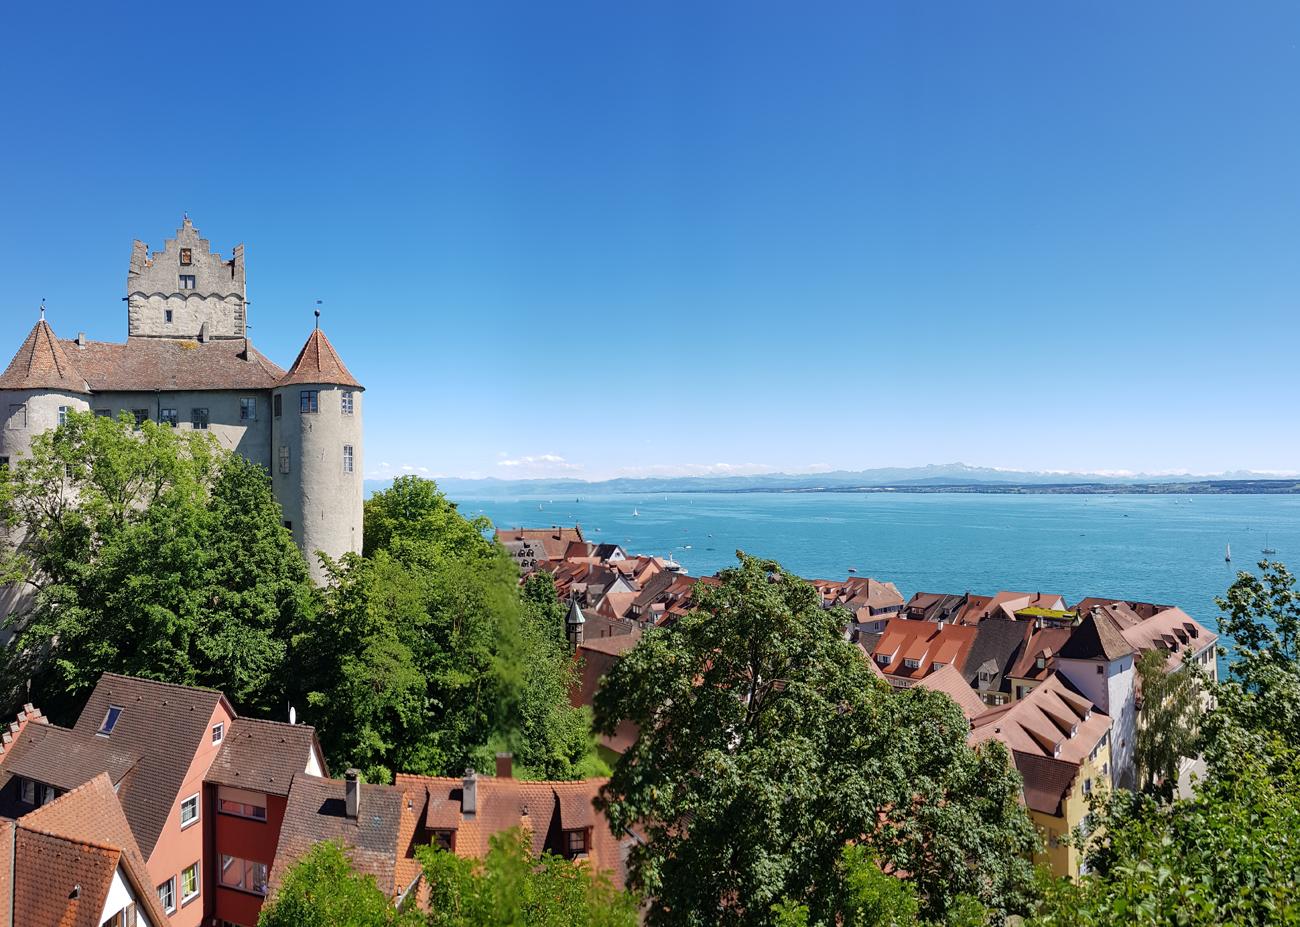 Die Burg Meersburg mit historischer Altstadt, 12. Juni 2020